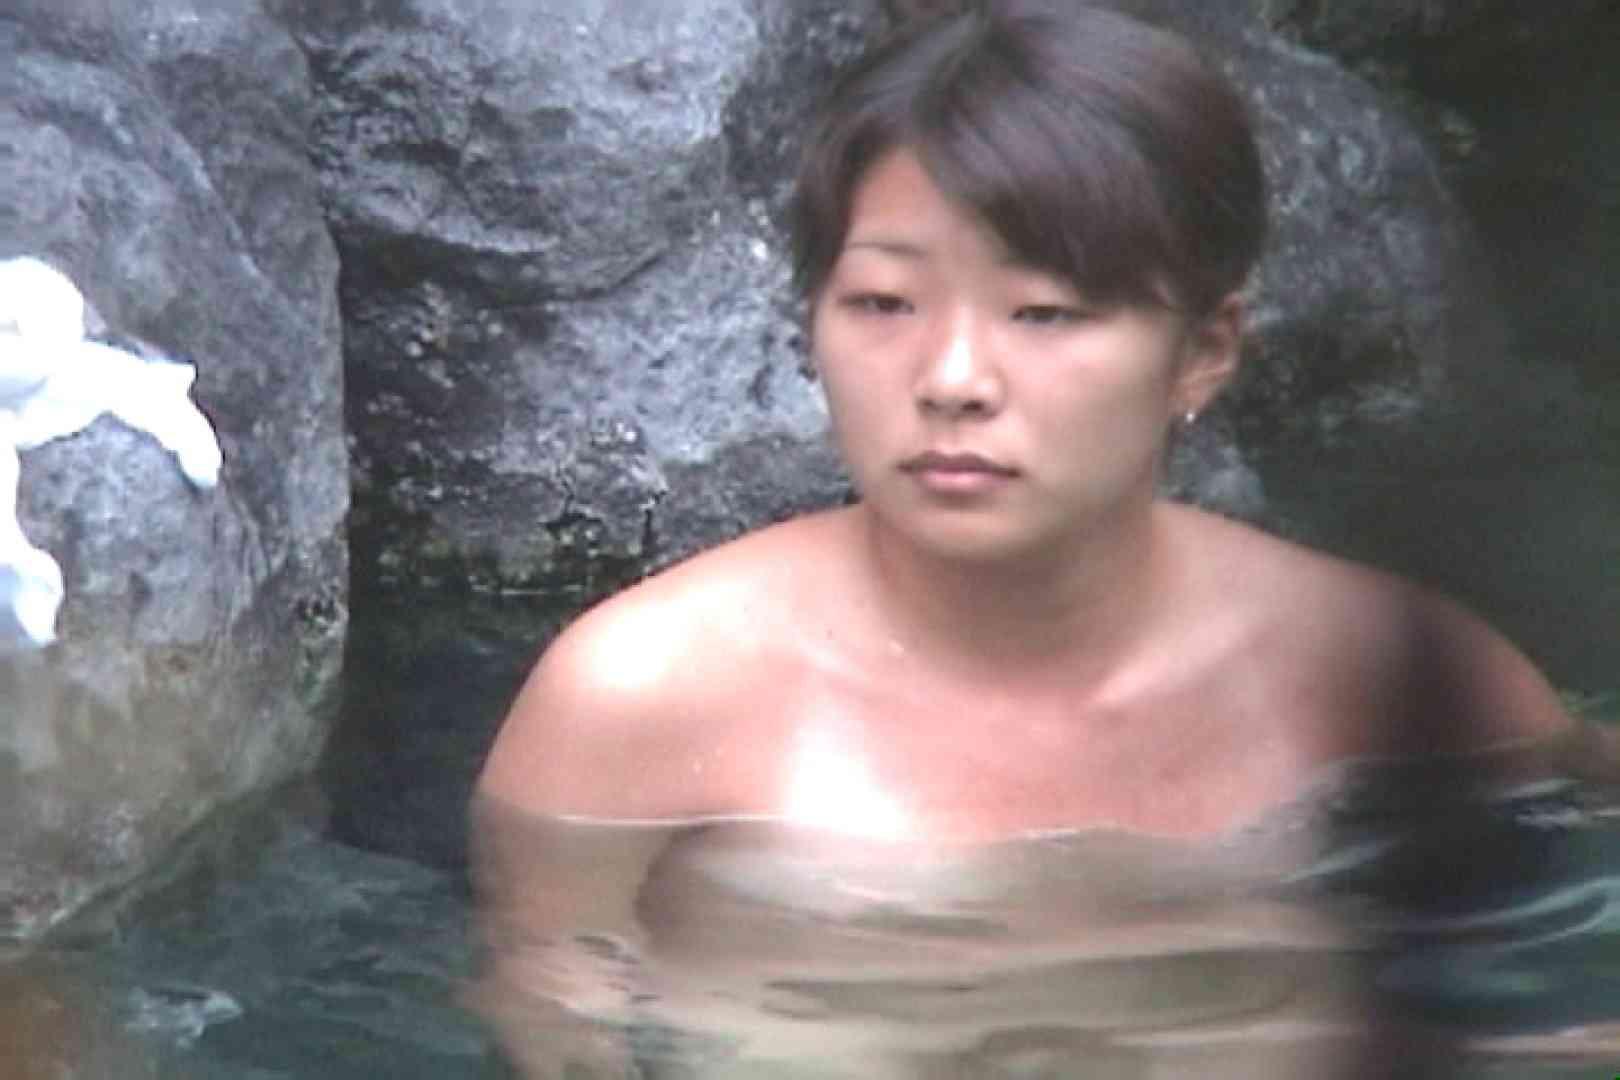 Aquaな露天風呂Vol.69【VIP限定】 OLのエロ生活  106連発 87